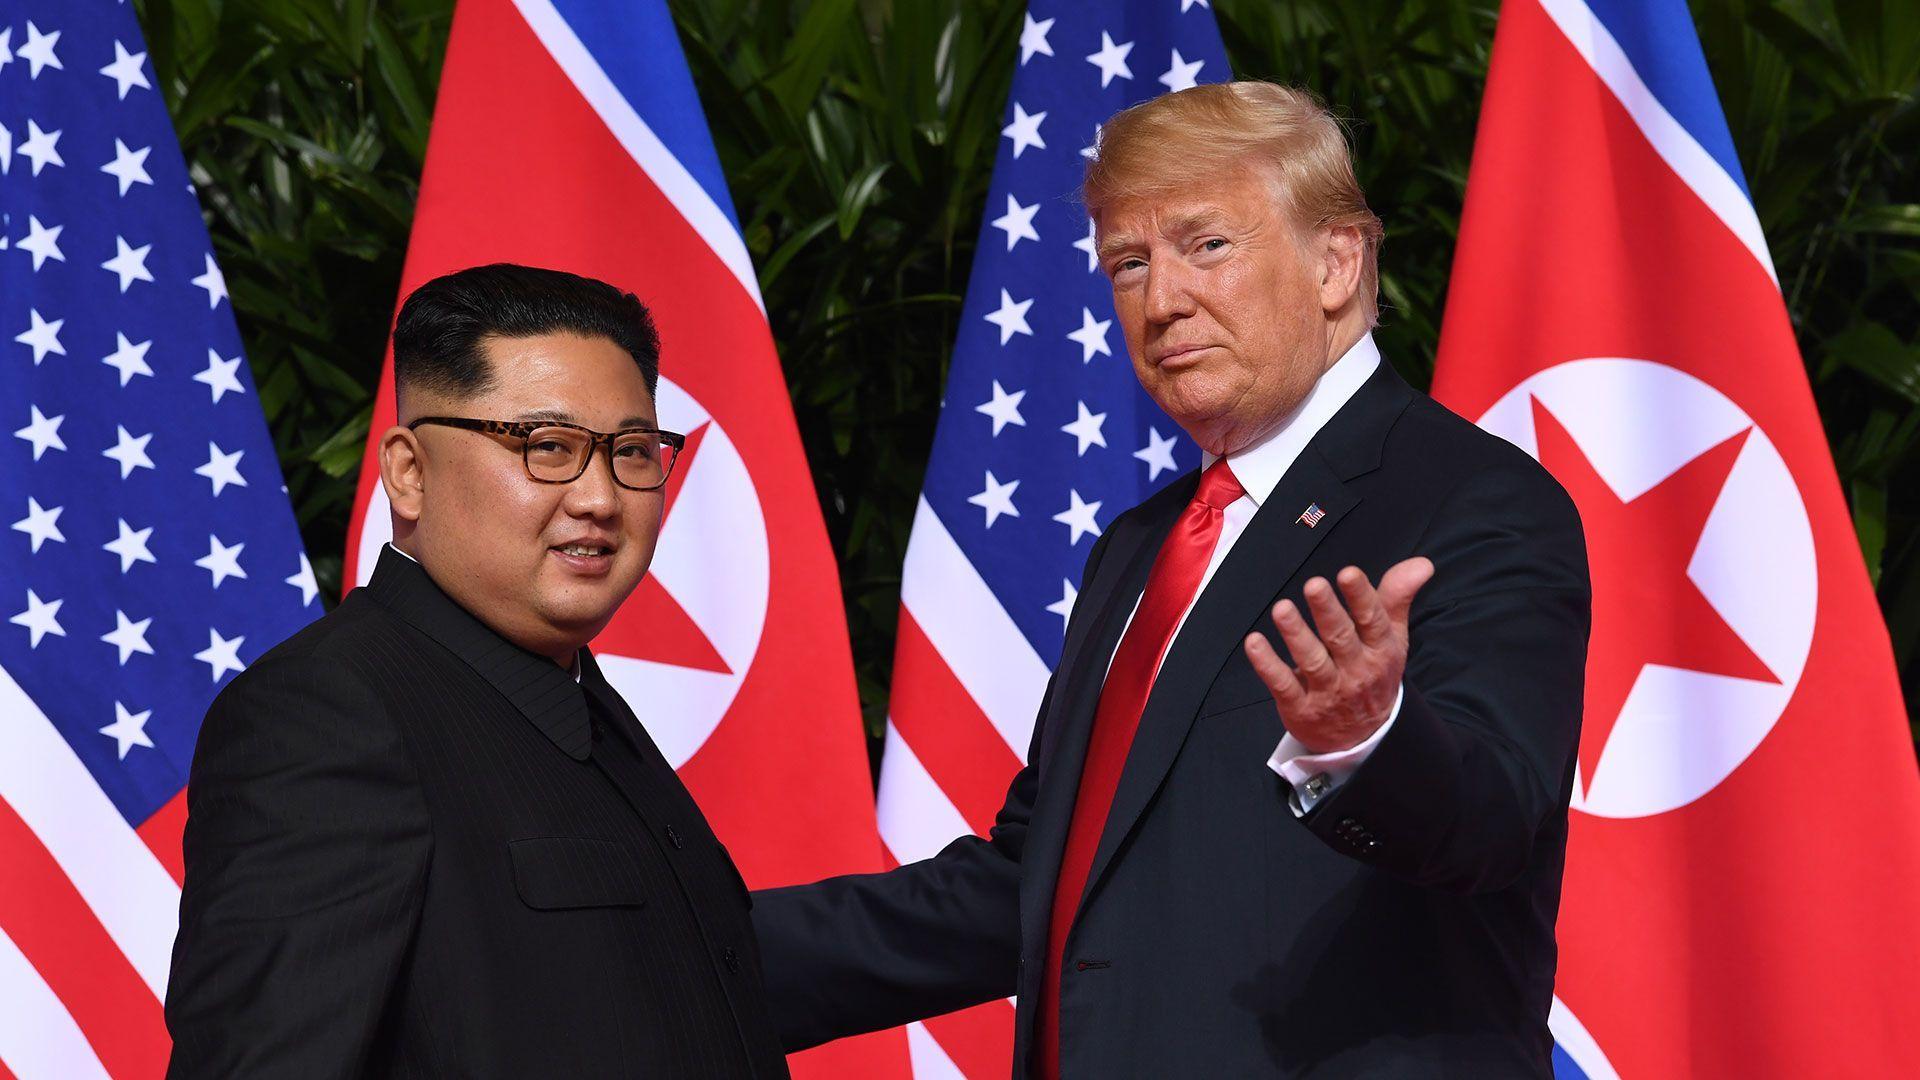 Kim jong un y Donald truump mirando a camara juntos y felices